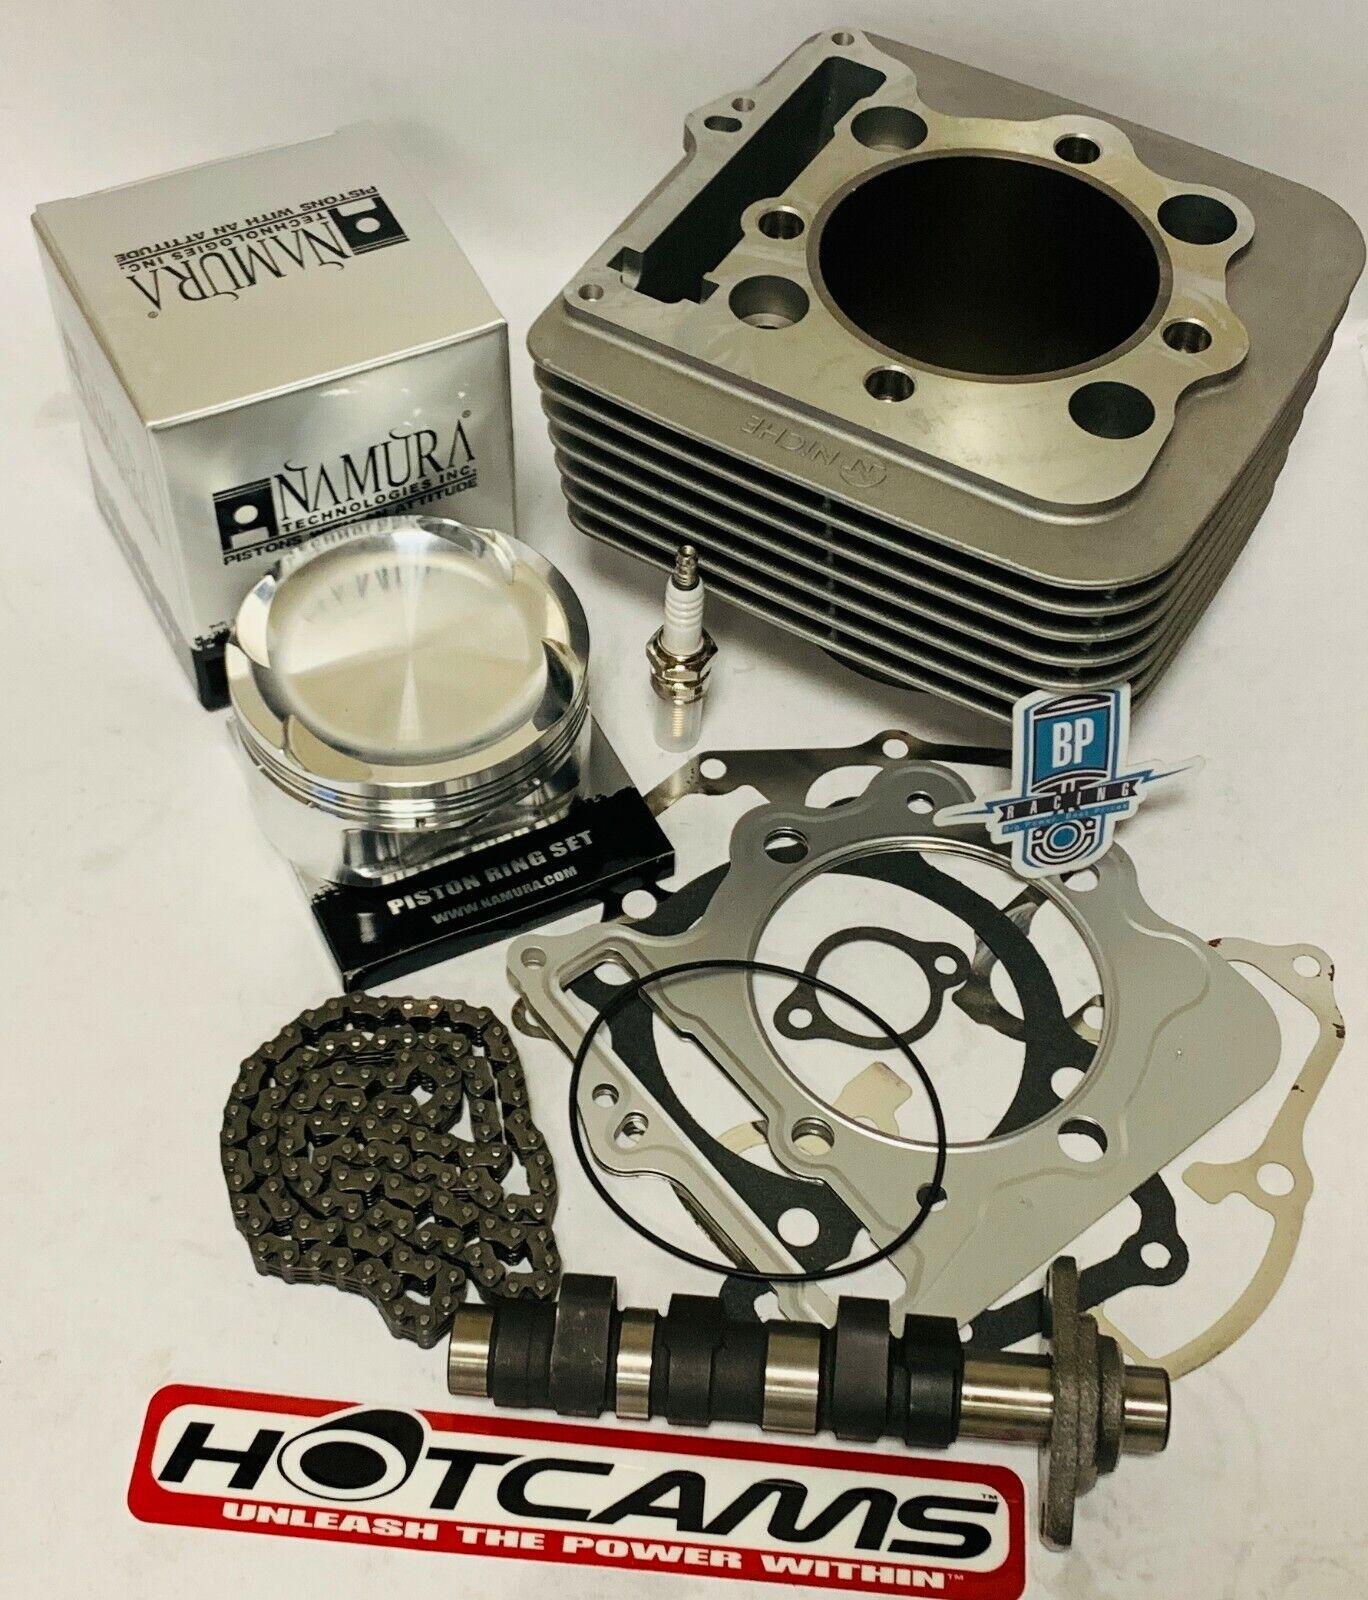 Bore Namura Top End Rebuild Kit Honda TRX420FE//FM//TE//TM 2007-08 86.48mm Std